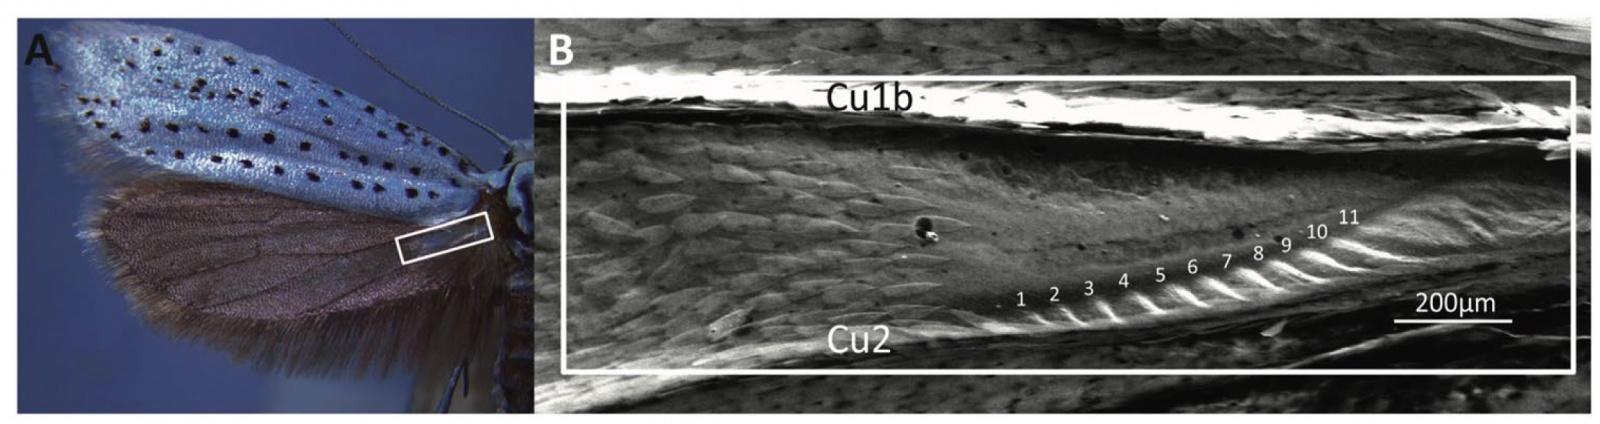 Звуковая диверсия: механизм генерации ультразвуковых щелчков у ночных мотыльков как защита от летучих мышей - 3